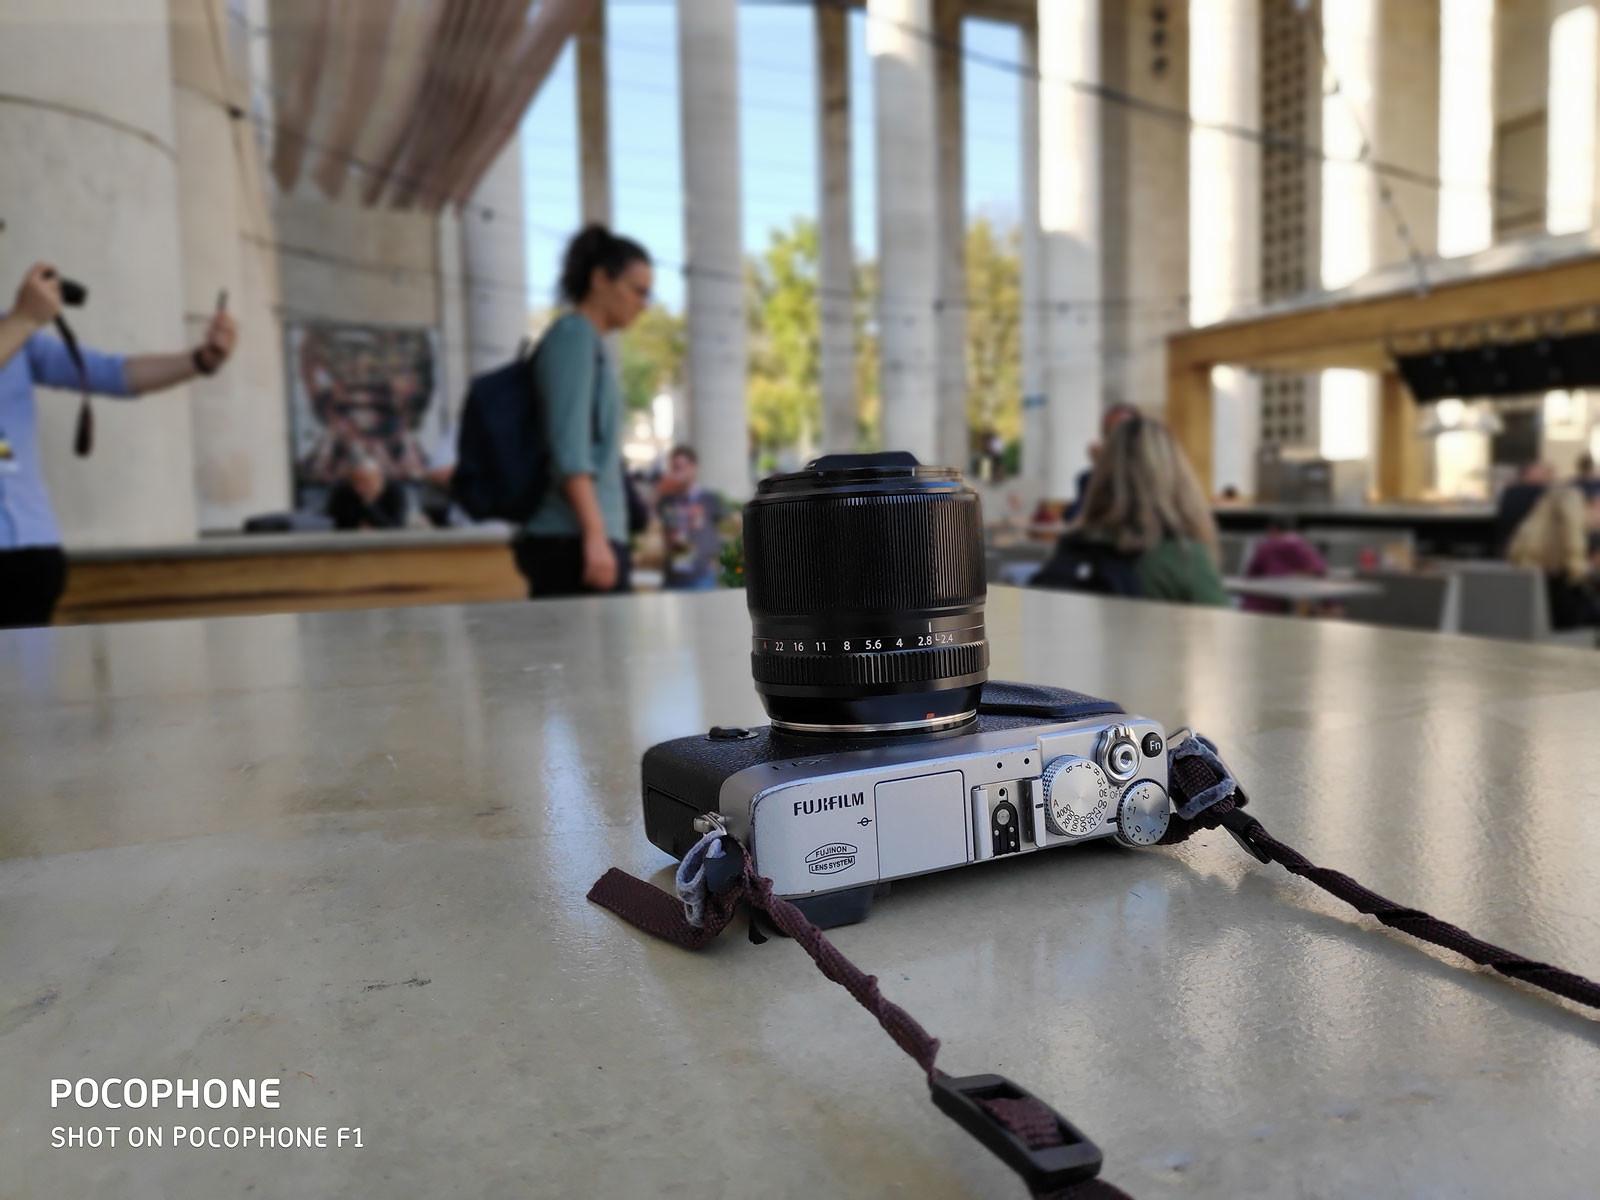 Foto de POCOPHONE F1, fotografías de la toma de contacto (7/9)